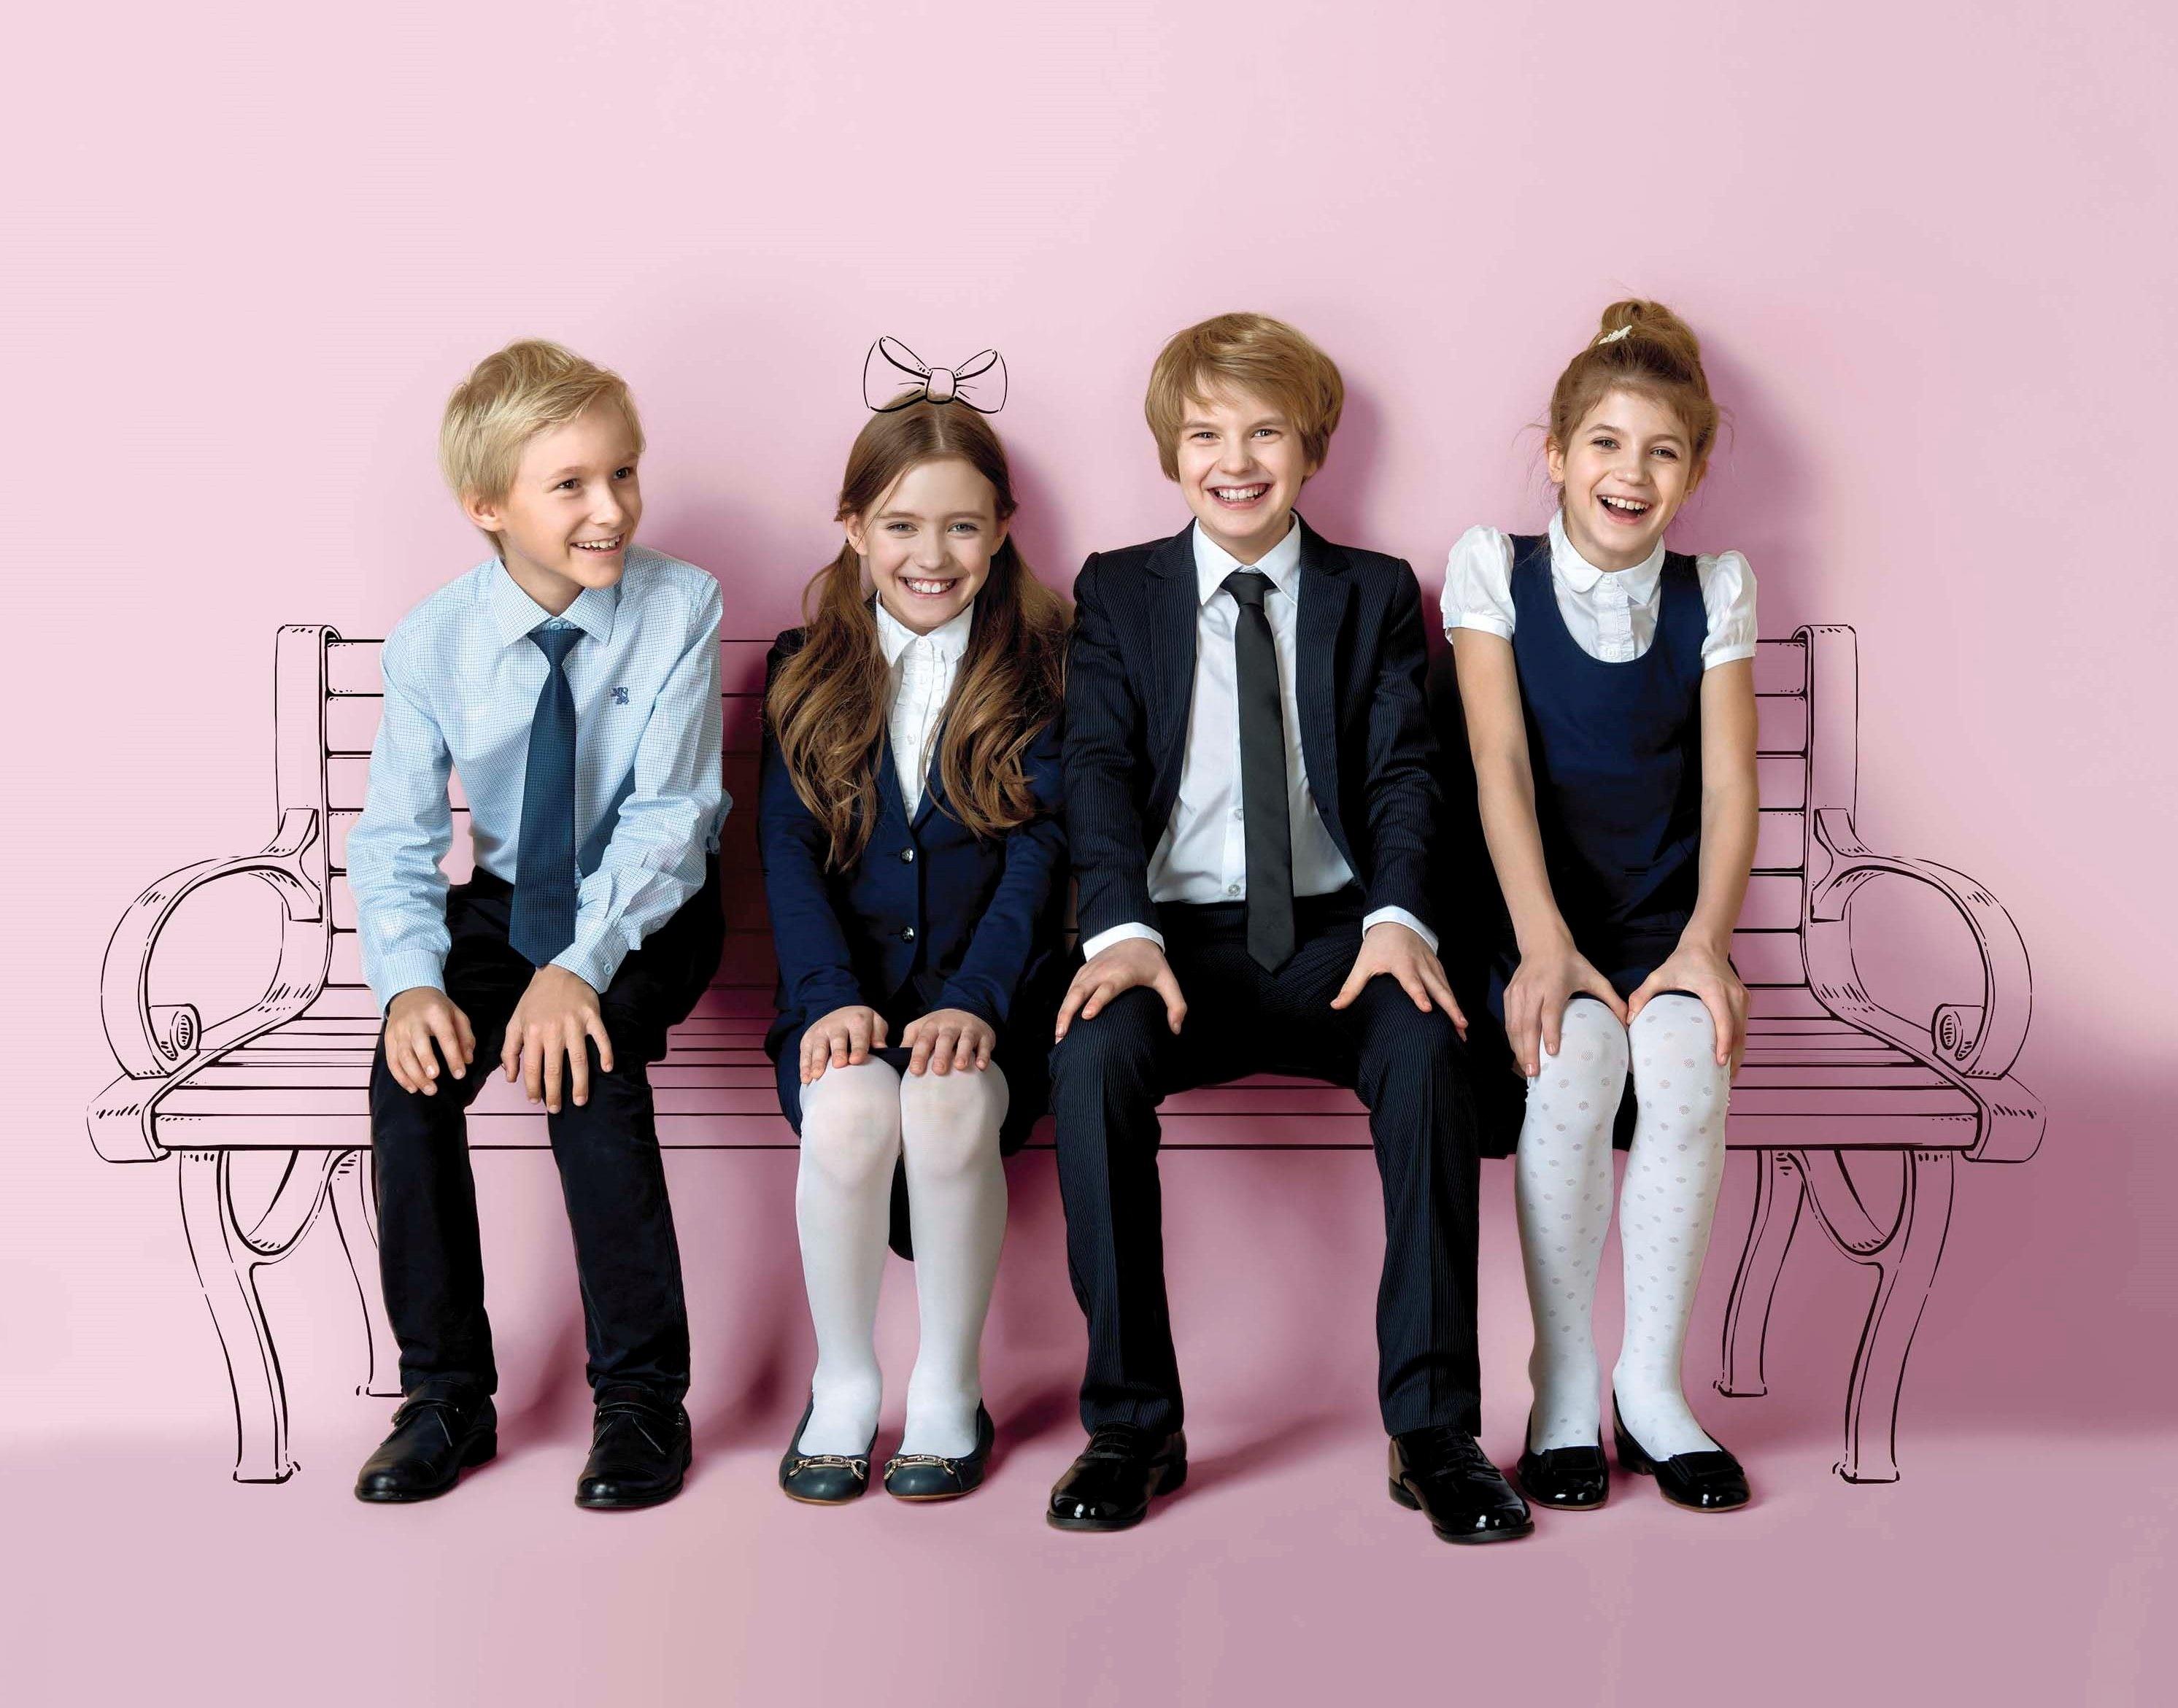 Якісні шкільні костюми для дівчаток і хлопчиків - які вони  Довговічні.  Хороша форма ... 9a8b70a5d067c